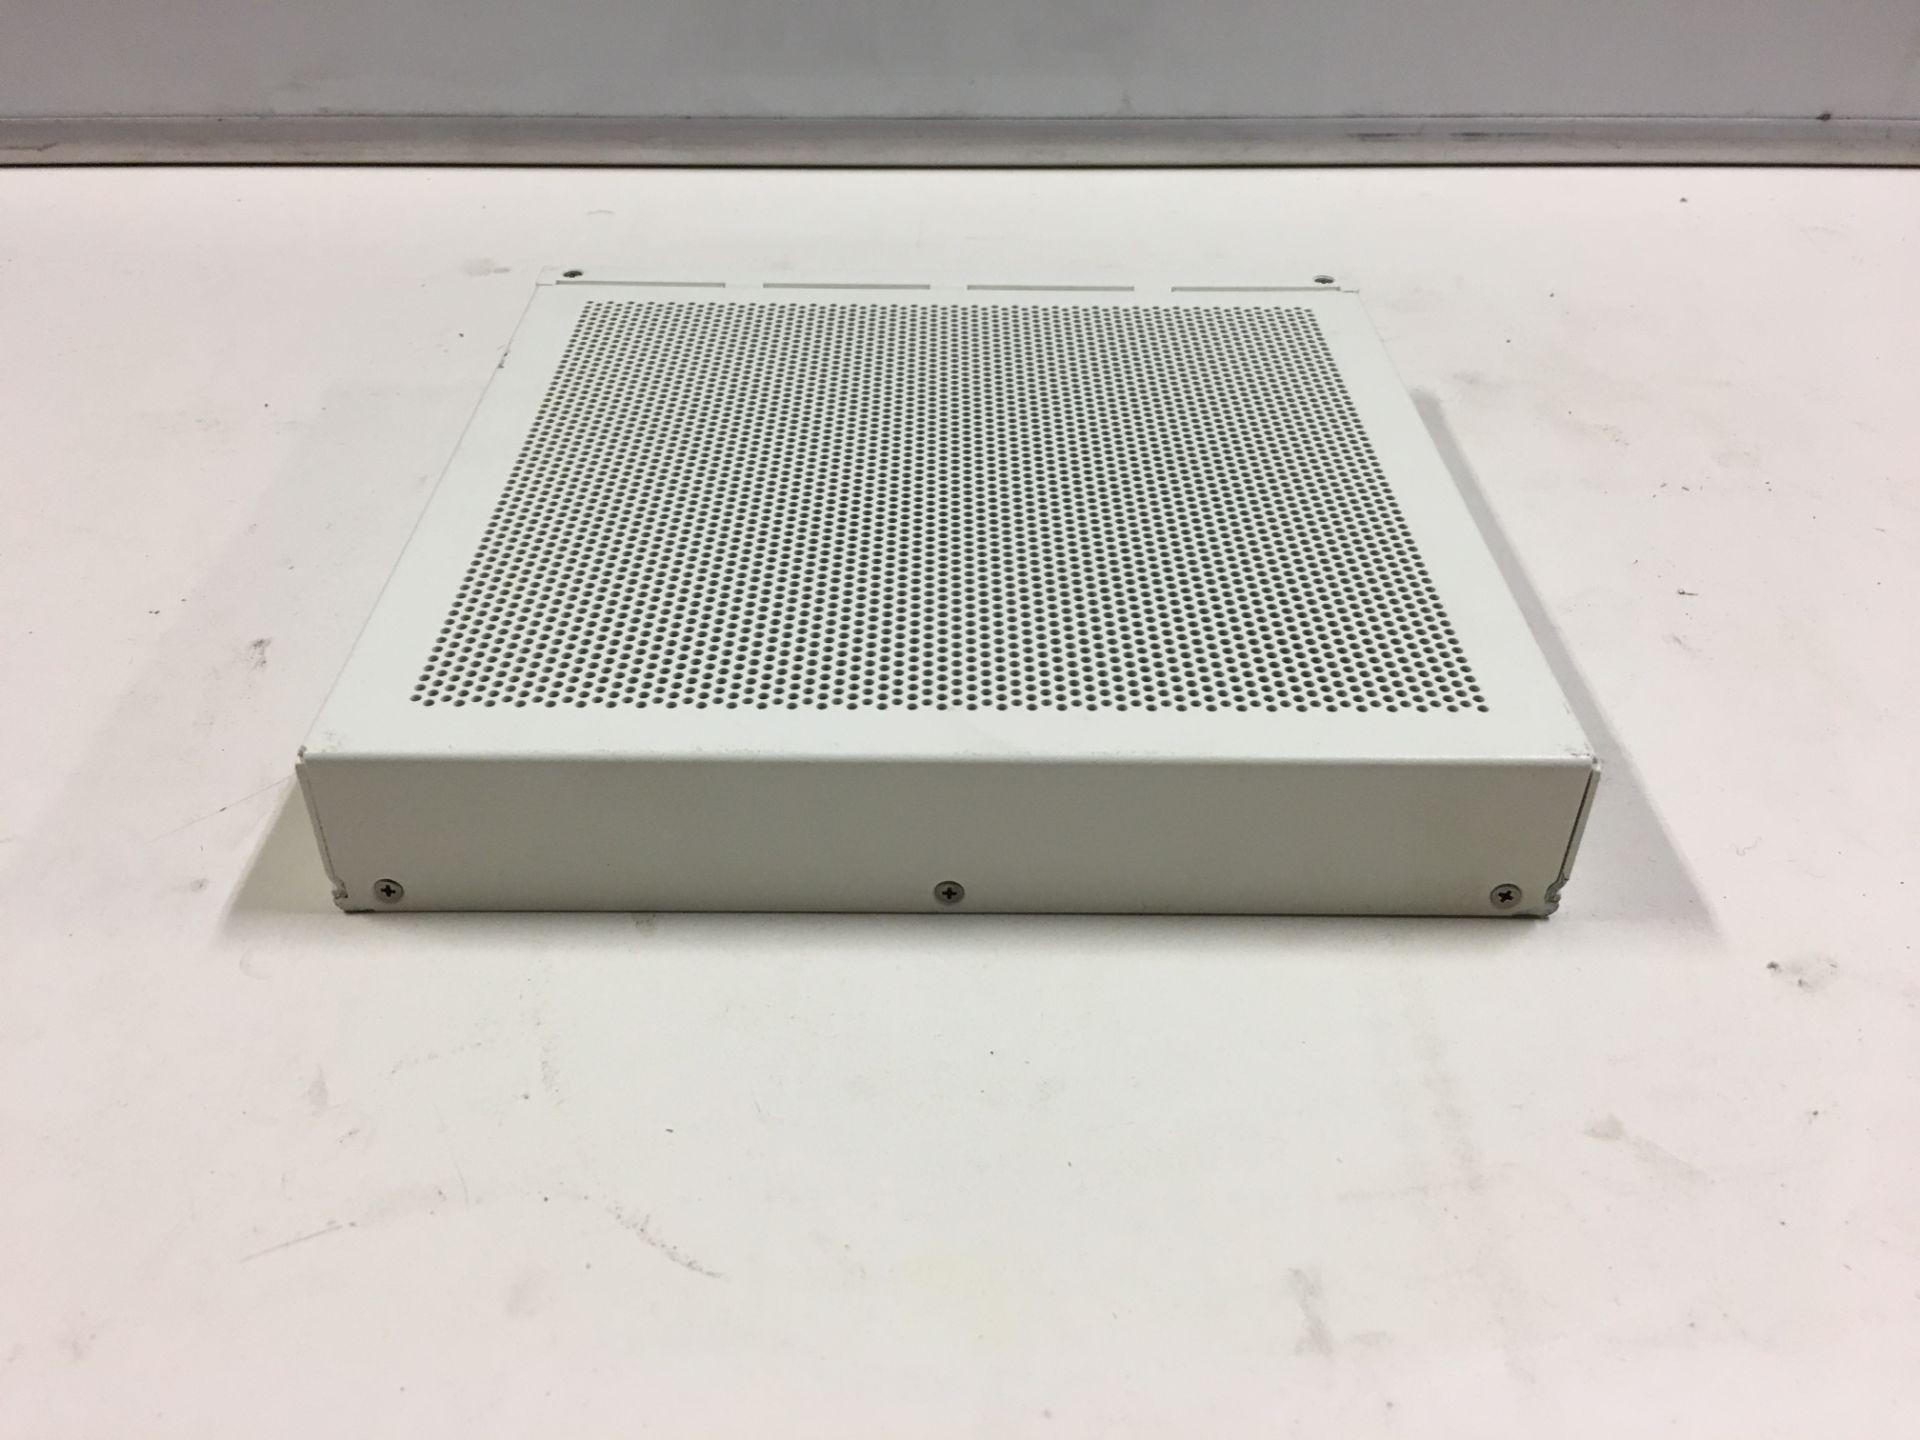 Lot 195 - 1 x Overture Server Fan